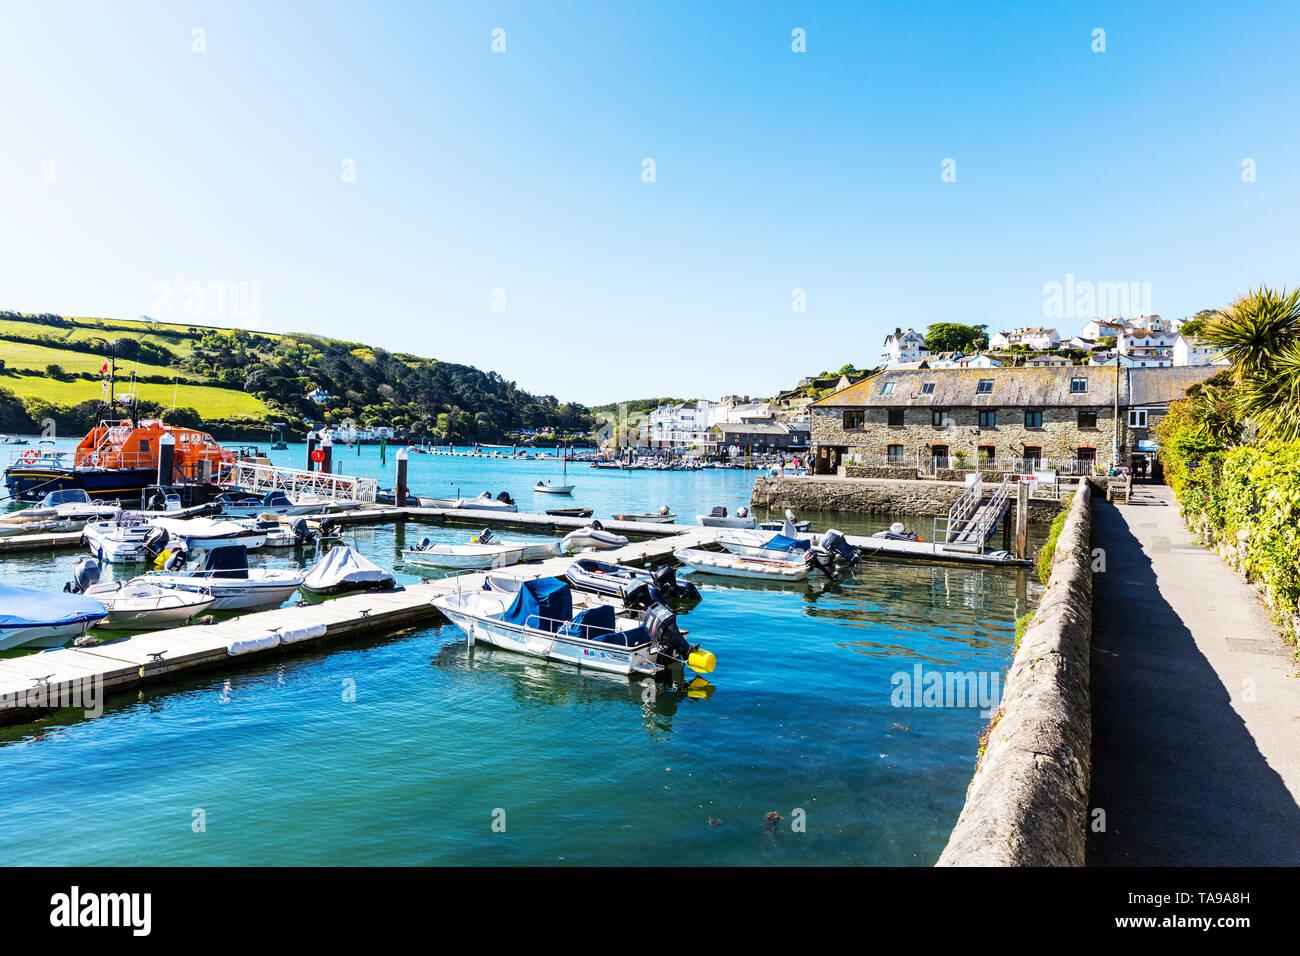 Salcombe Harbour, Salcombe Devon, UK, Salcombe harbour Devon, Salcombe harbor, Salcombe Town Devon, town, towns, harbour, harbours, Devon, Salcombe, - Stock Image